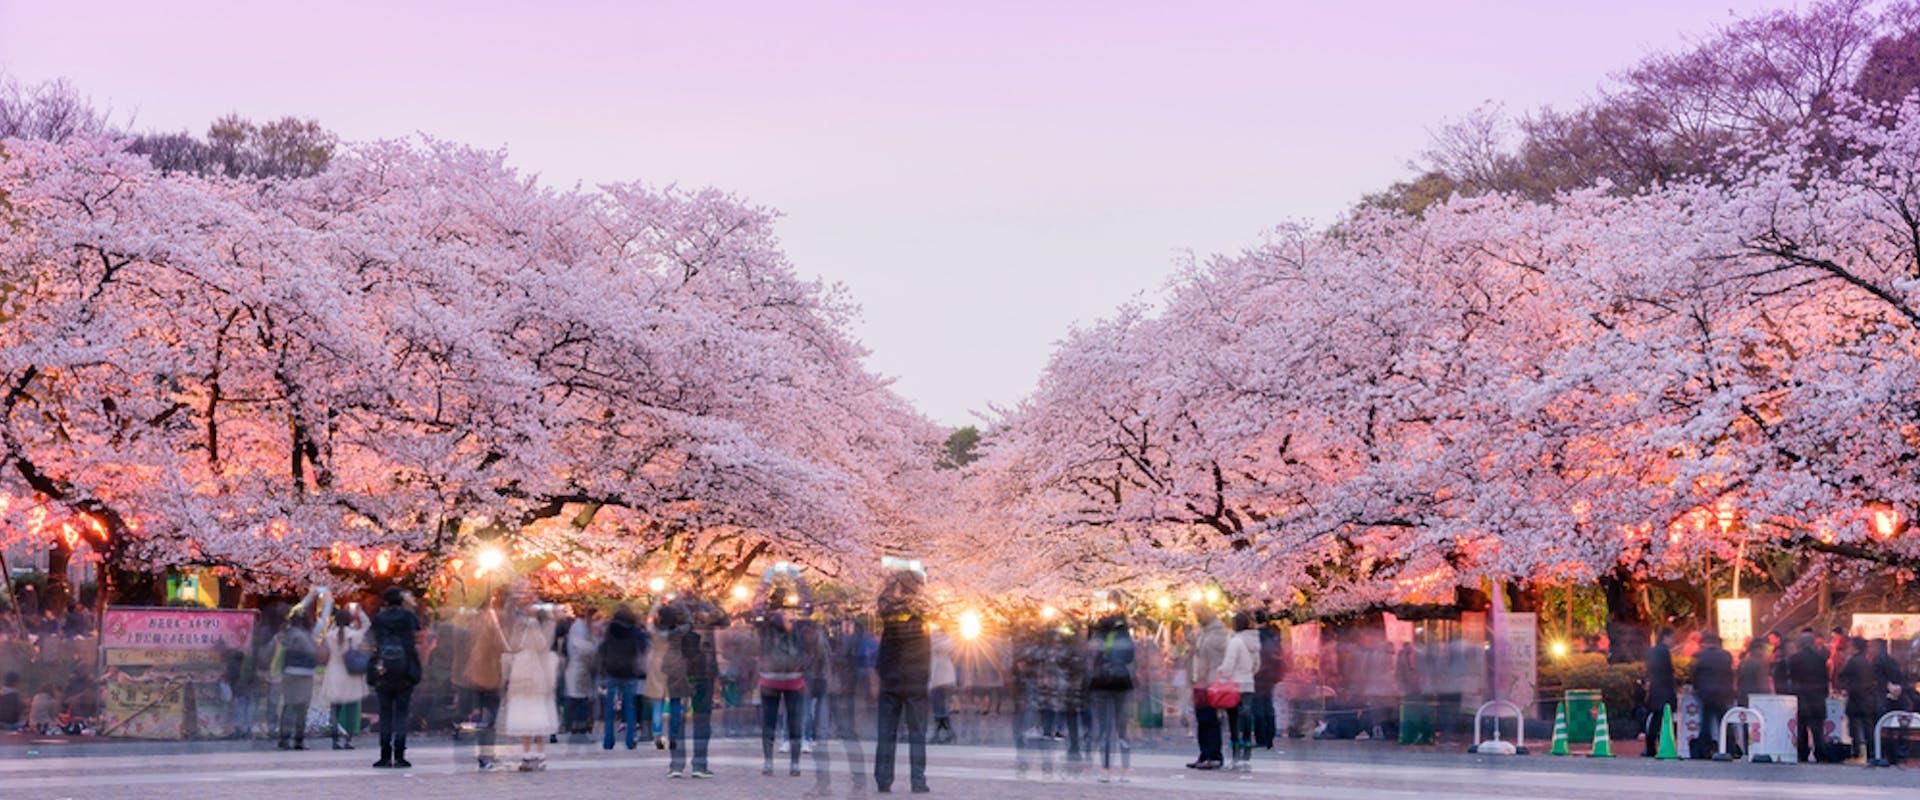 حديقة أوينو في طوكيو